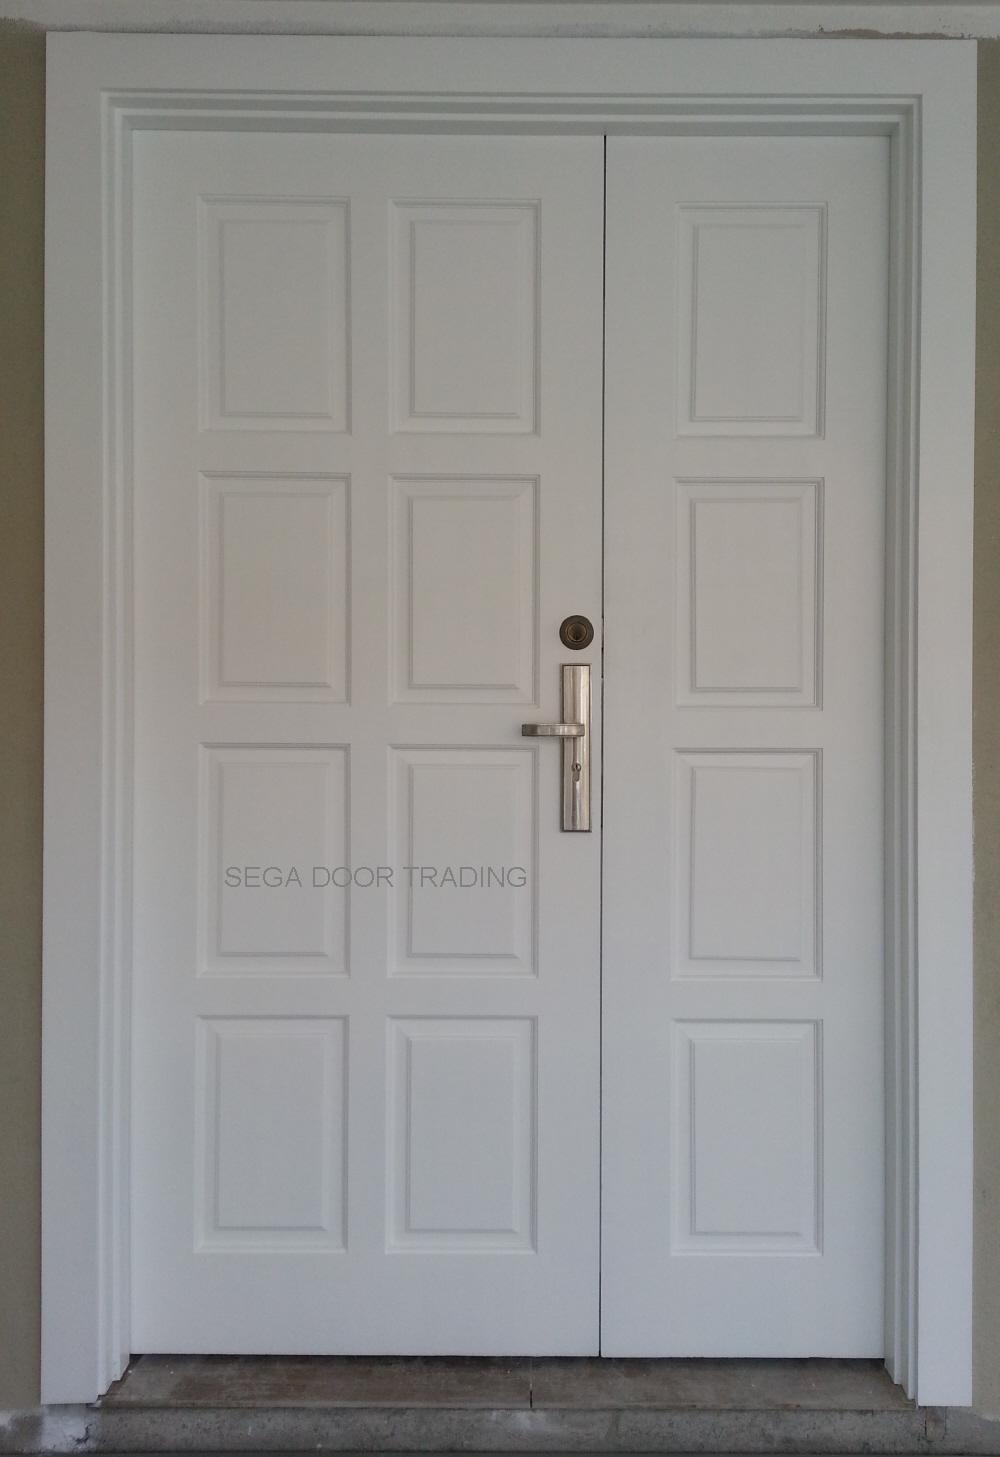 SEGA DOOR TRADING: One & Half Leaf Door